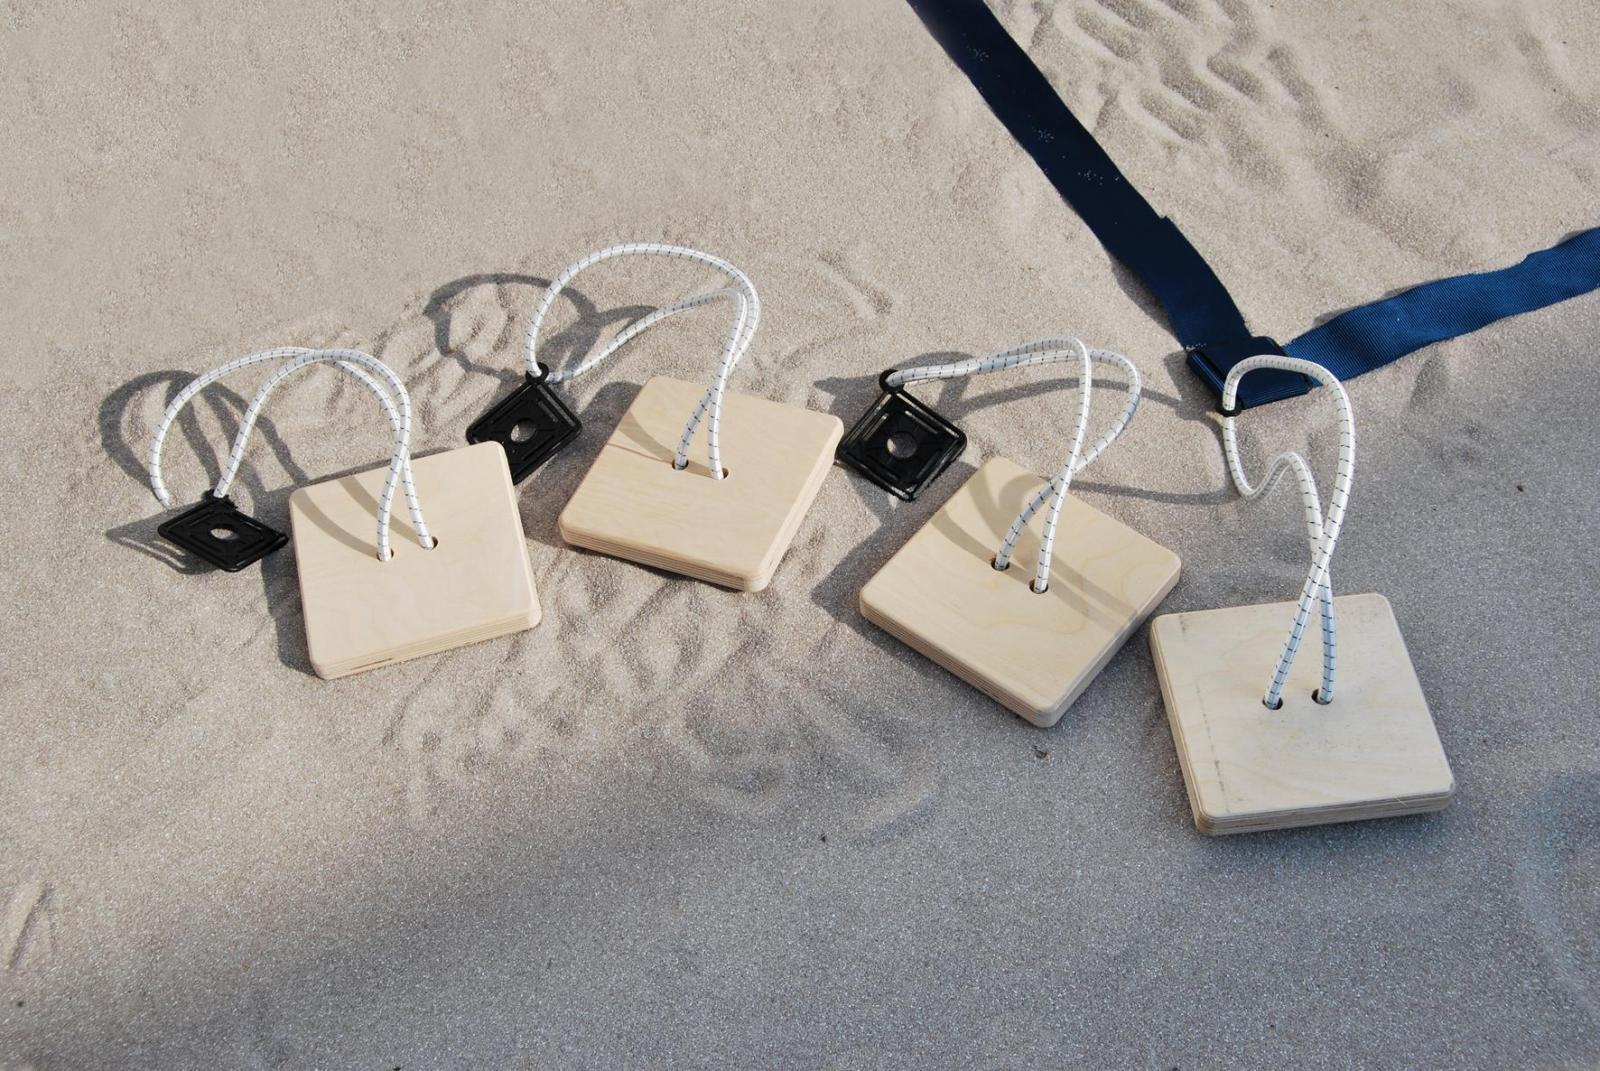 ligne de delimitation pro beach beach volley protec sport quipements sports et loisirs. Black Bedroom Furniture Sets. Home Design Ideas